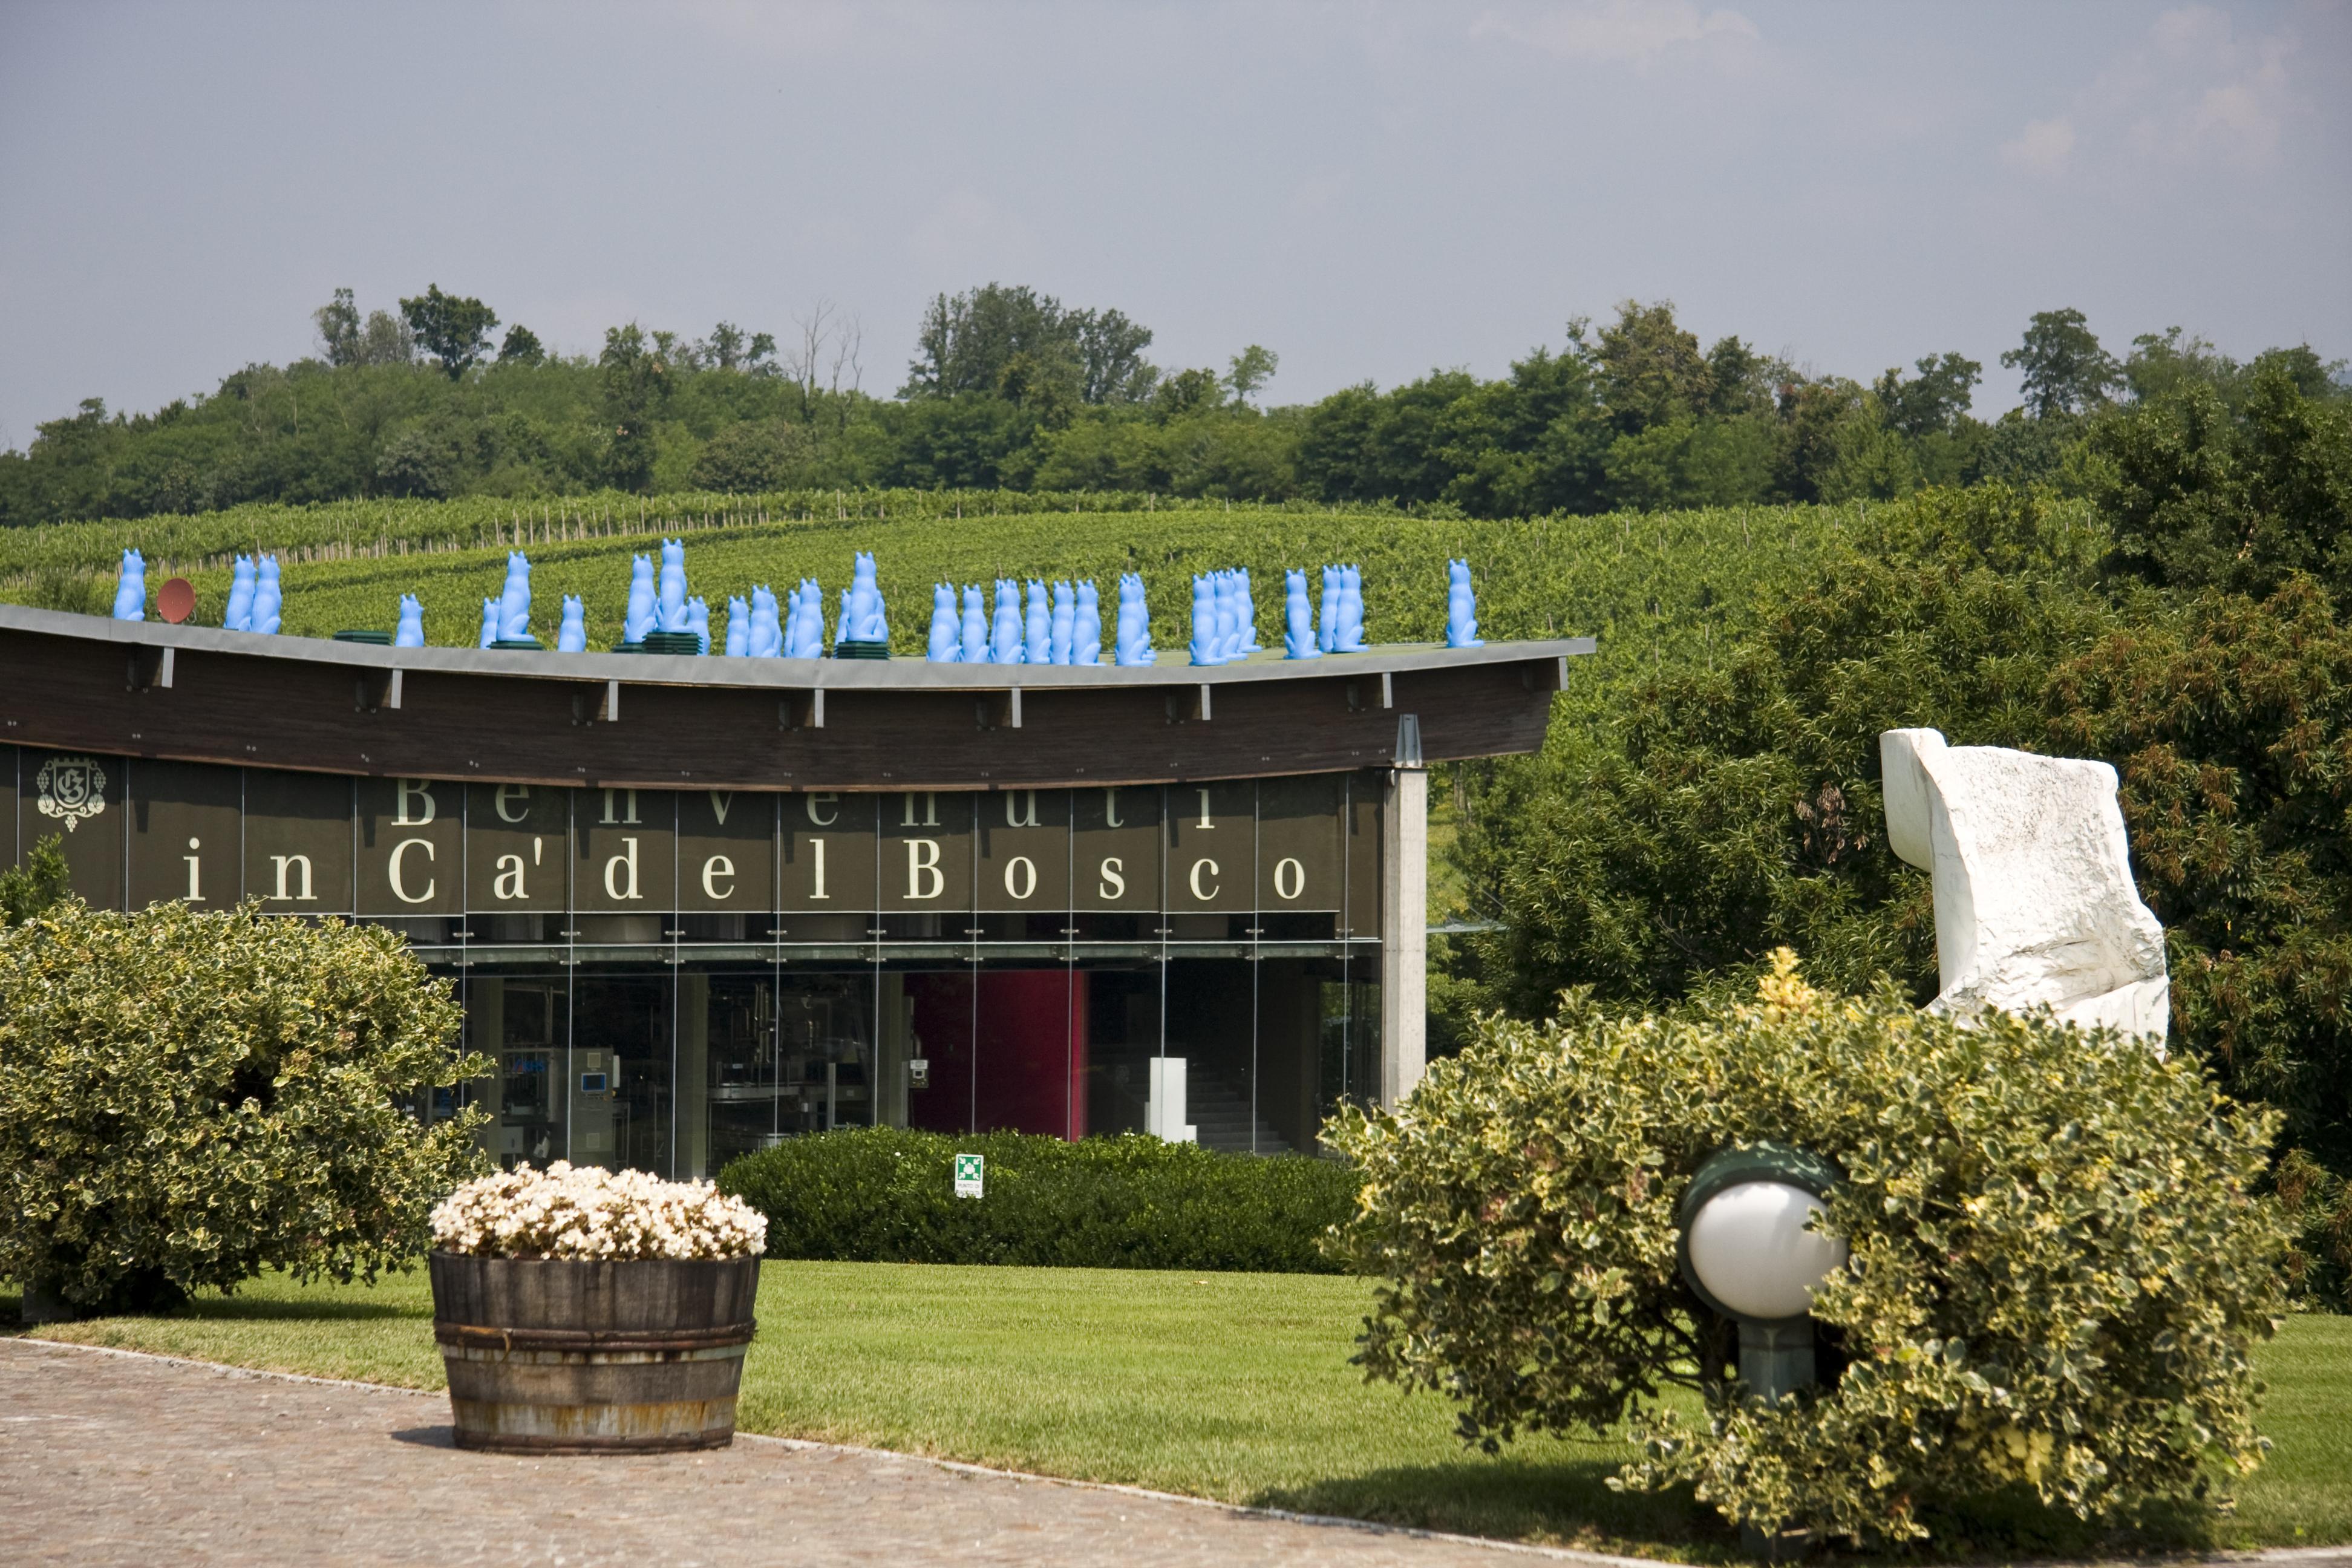 Visitare Ca' del Bosco, castigare alla cieca la Cuvée Prestige, assaggiare vini grandi davvero: fatto